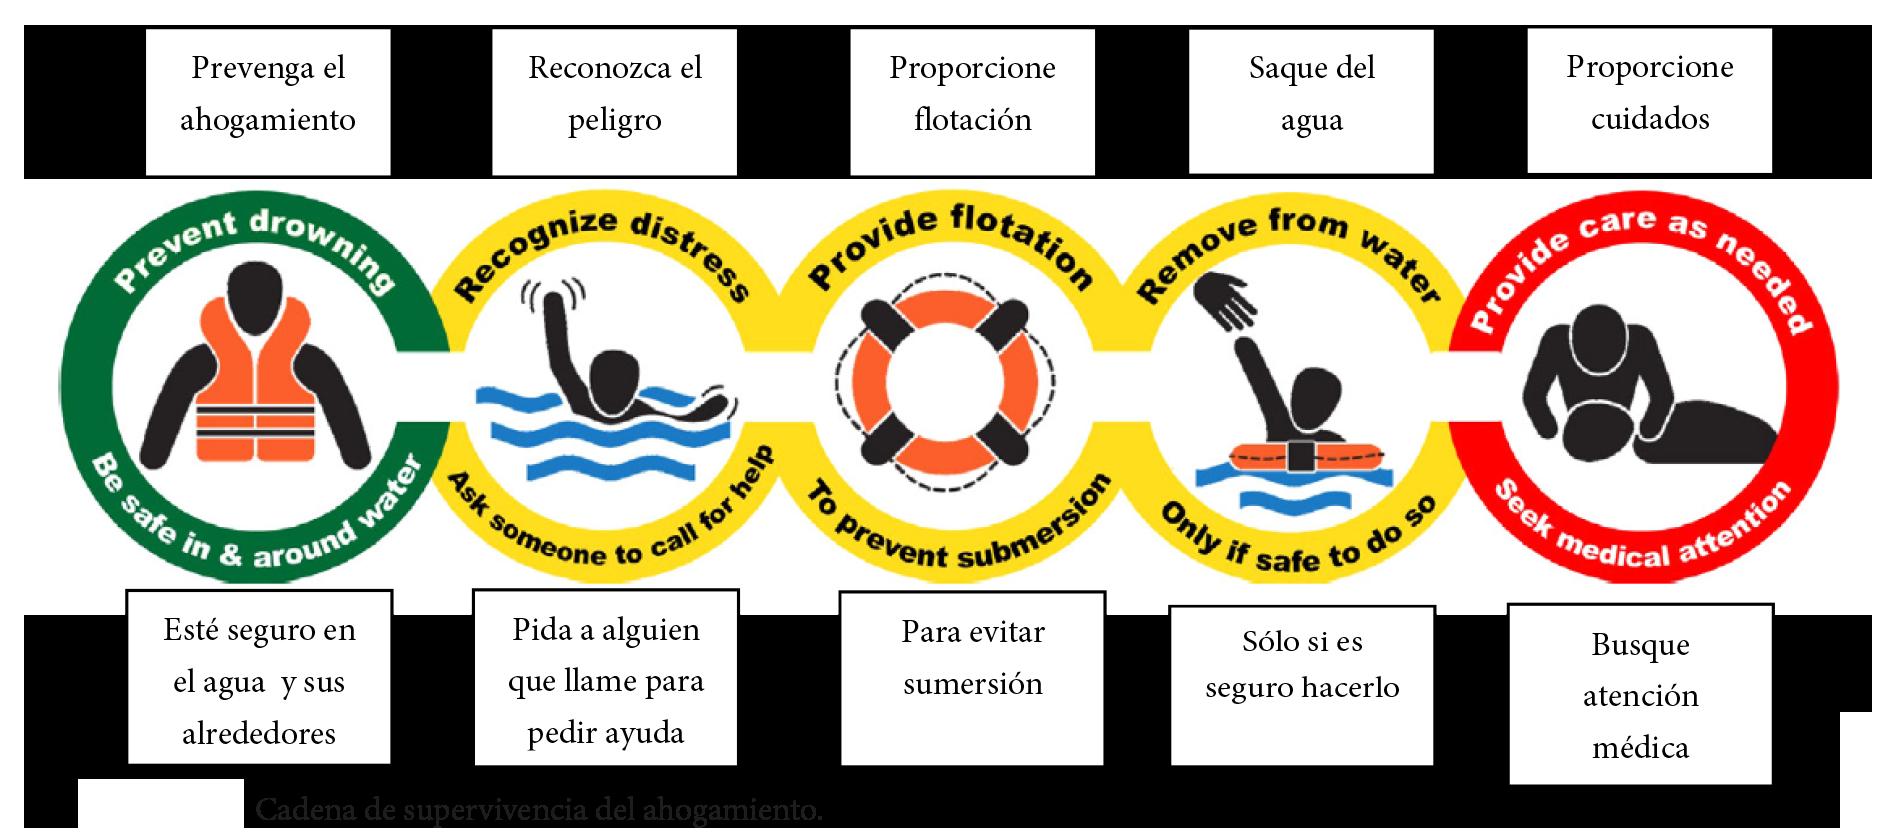 Cadena de Supervivencia de Ahogamiento - ILCOR 2015